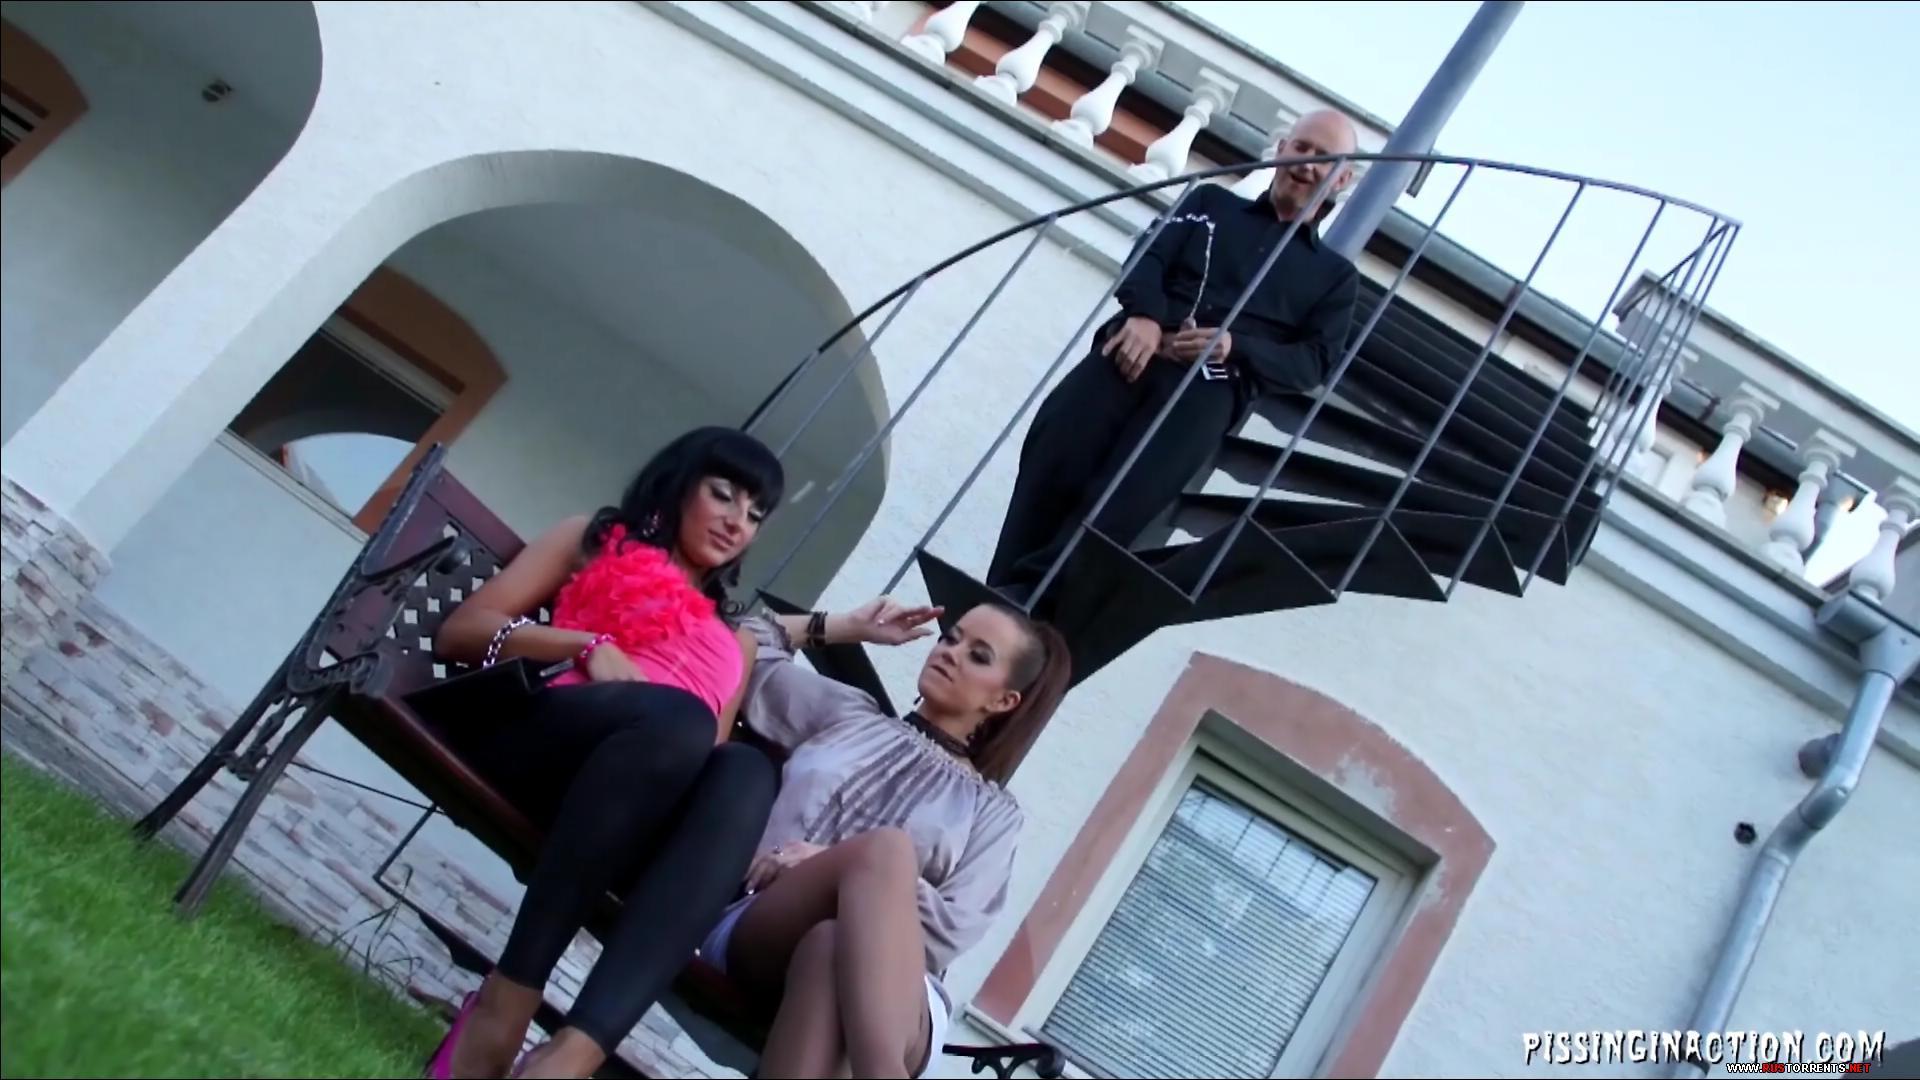 Скриншот 1:Cindy Dollar & Veronica Diamond. Они любят золотой ливень